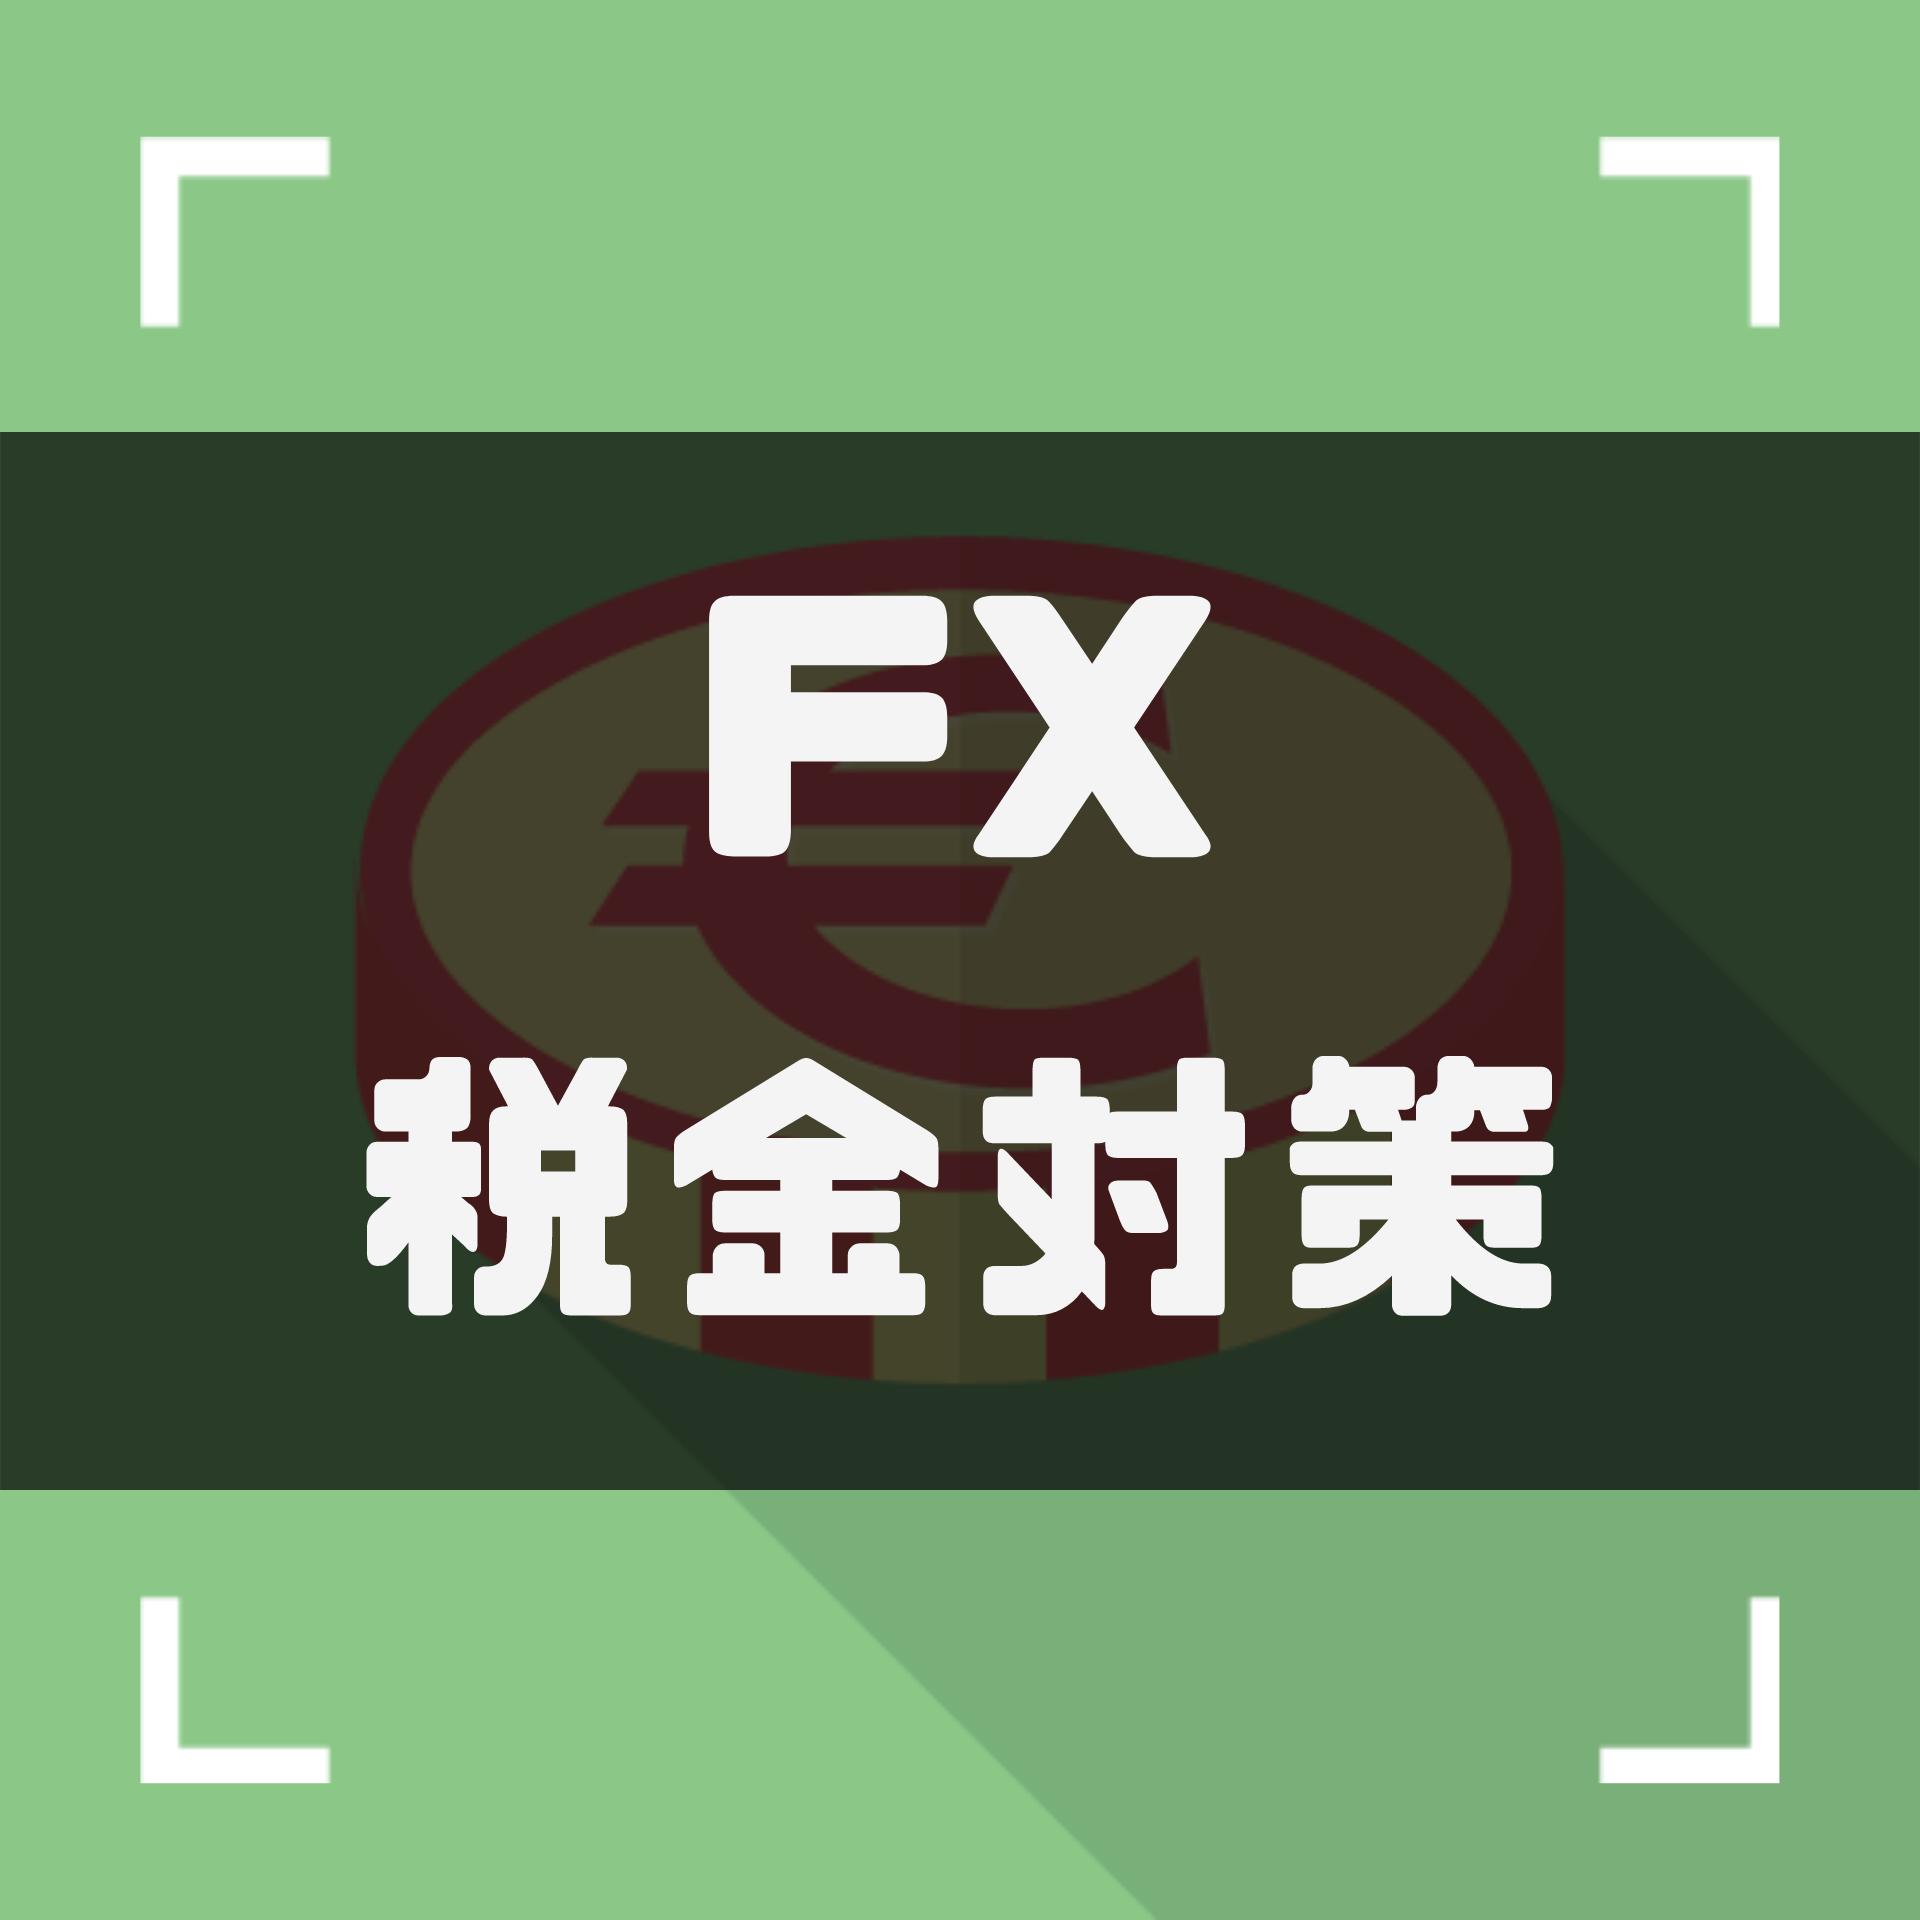 FXにかかる税金を完全解説|税金対策や確定申告を効率よくする方法をプロが解説